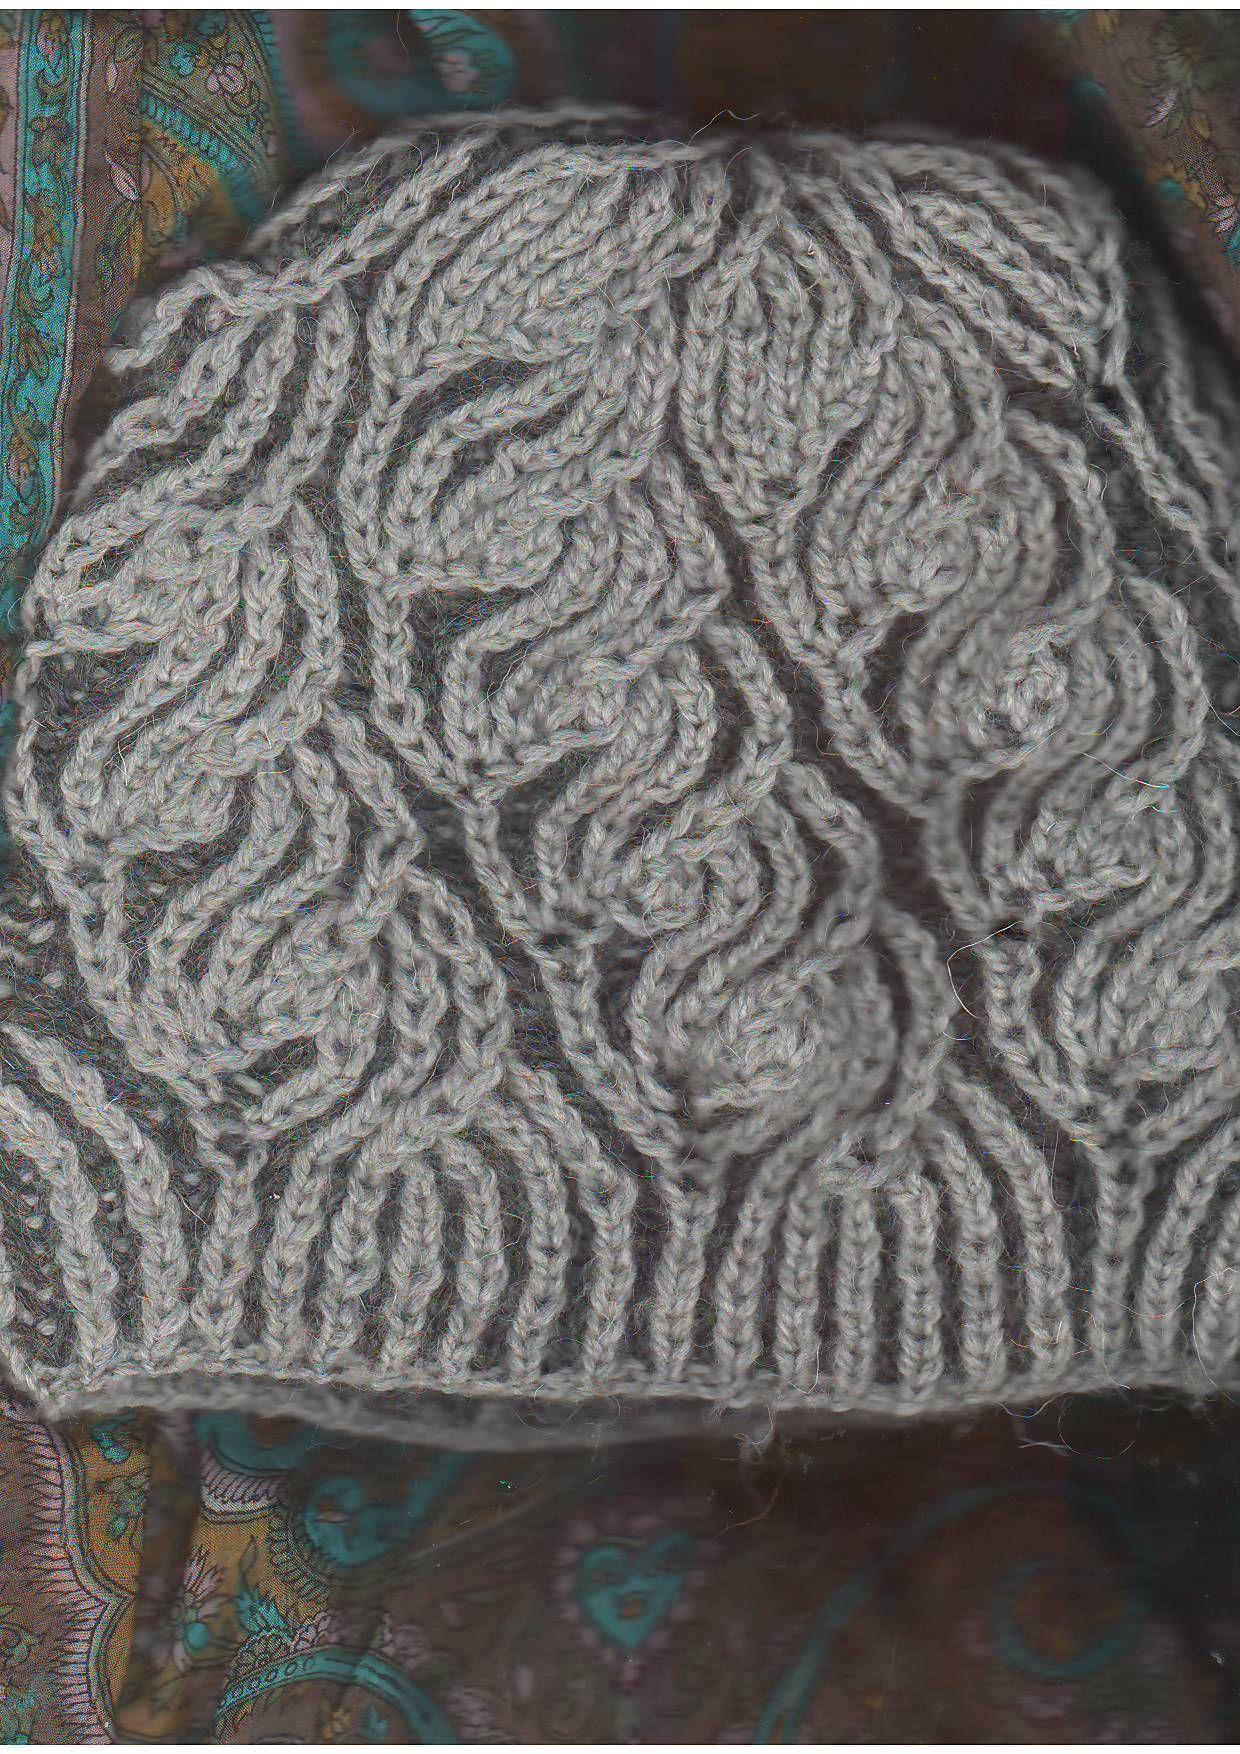 шапка вязаная на круговых спицах двухцветной английской резинкой с